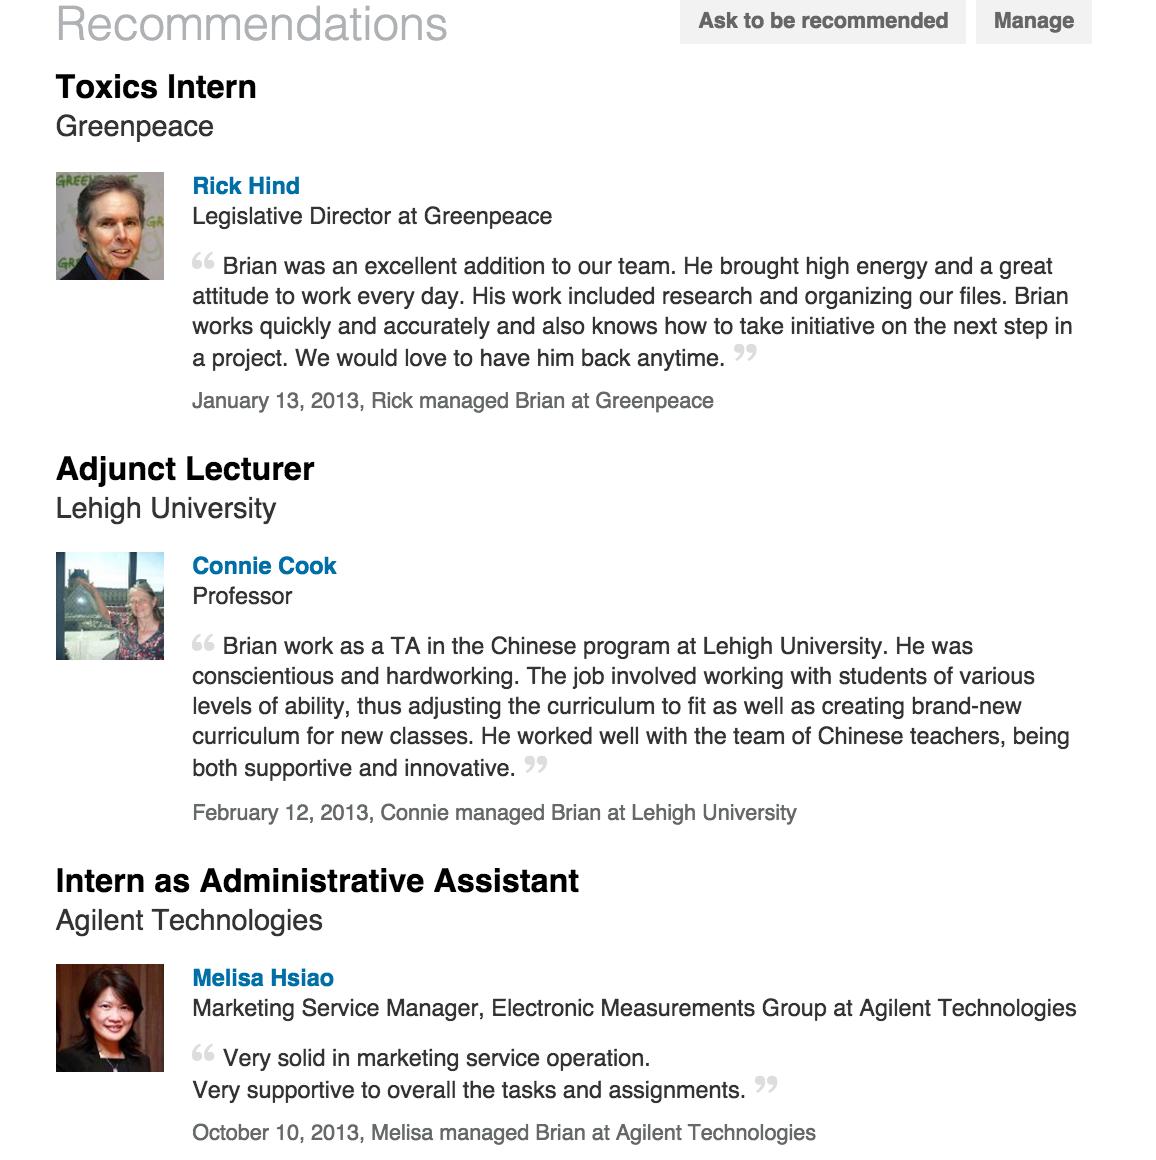 半路出家軟體工程師在矽谷: 等待機緣- 我要如何被人資或獵人頭發現? 我要如何脫穎而出? LinkedIn 重要嘛?